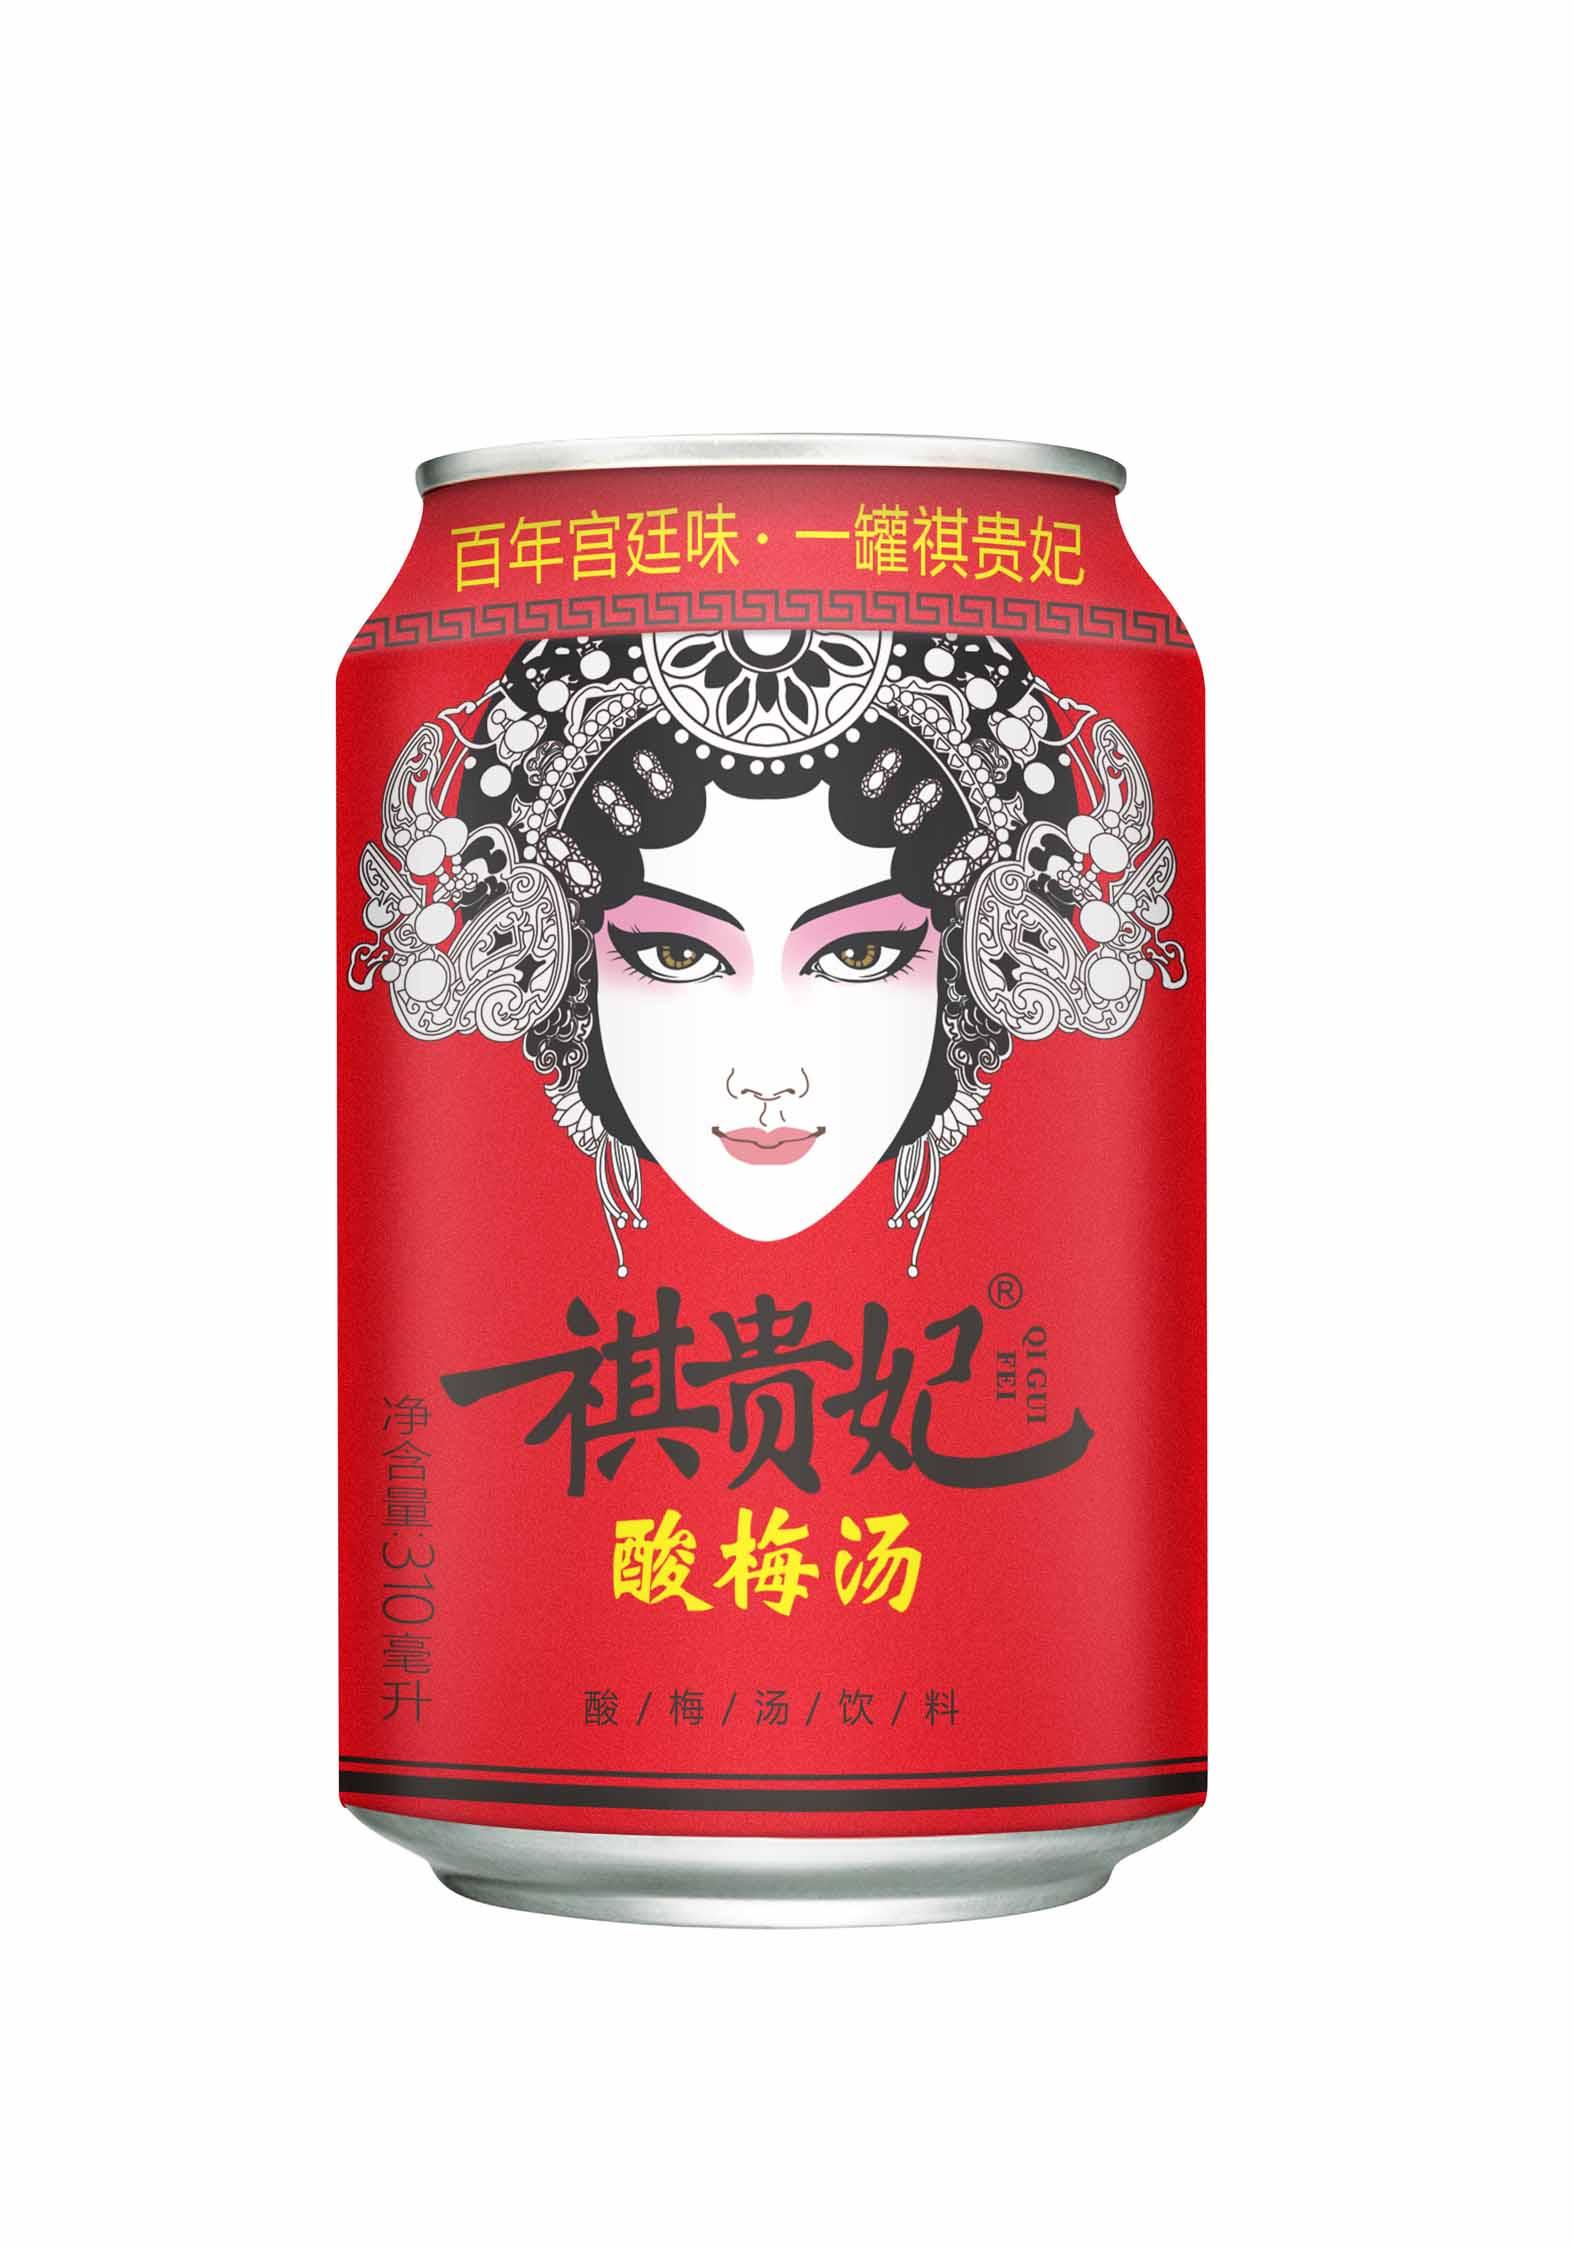 祈福齋商貿專業供應祺貴妃酸梅湯_黃石飲料生產